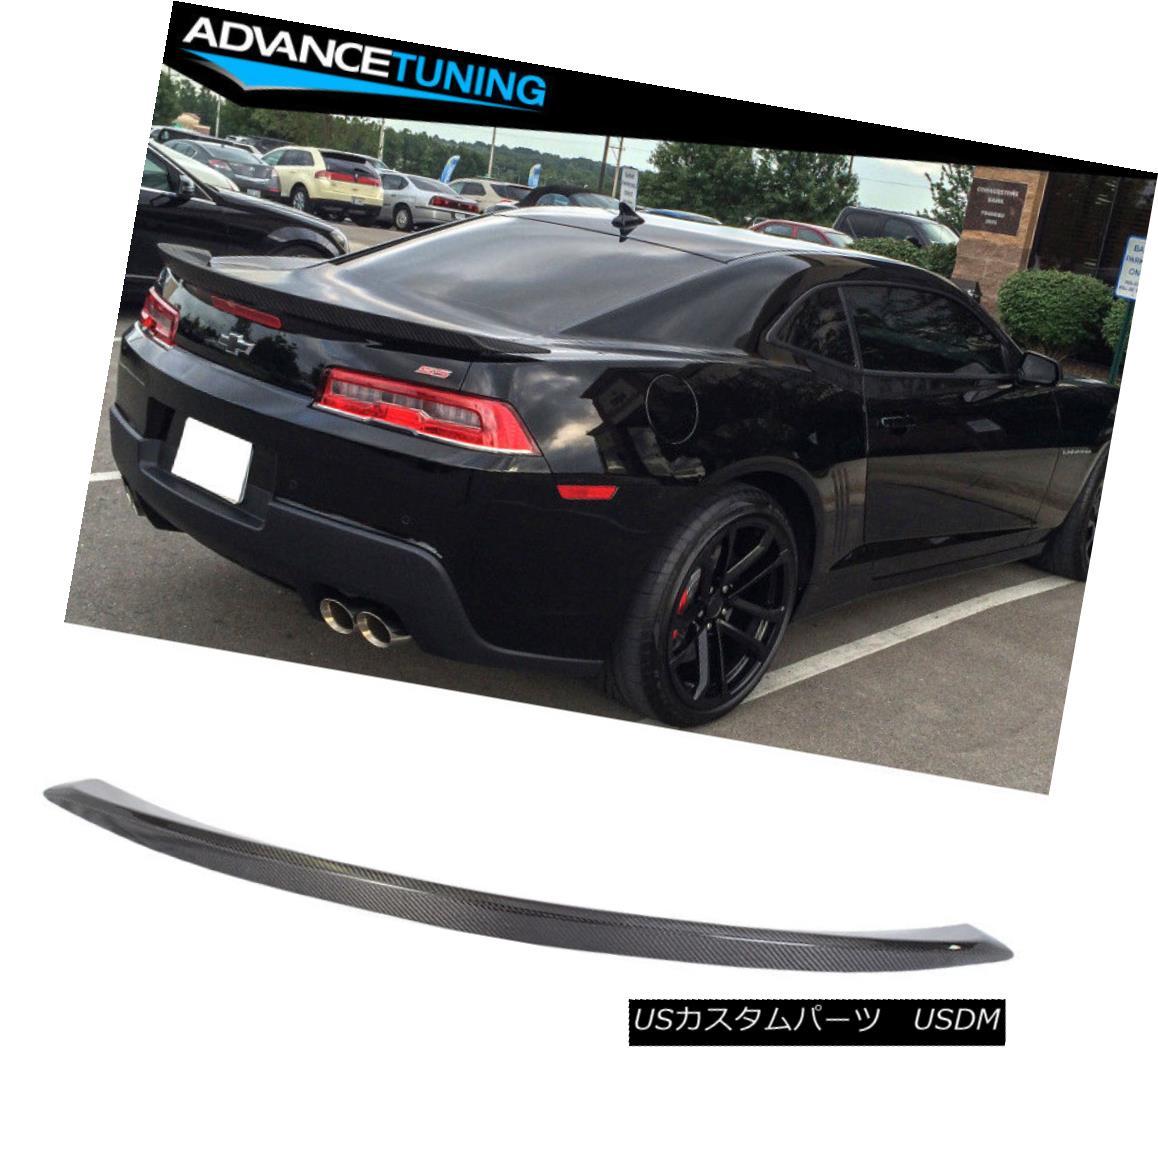 エアロパーツ Fits 10-13 Chevy Camaro OEM Factory Trunk Spoiler - A Grade Carbon Fiber (CF) フィット10-13シボレーカマロOEM工場トランクスポイラー - グレード炭素繊維(CF)